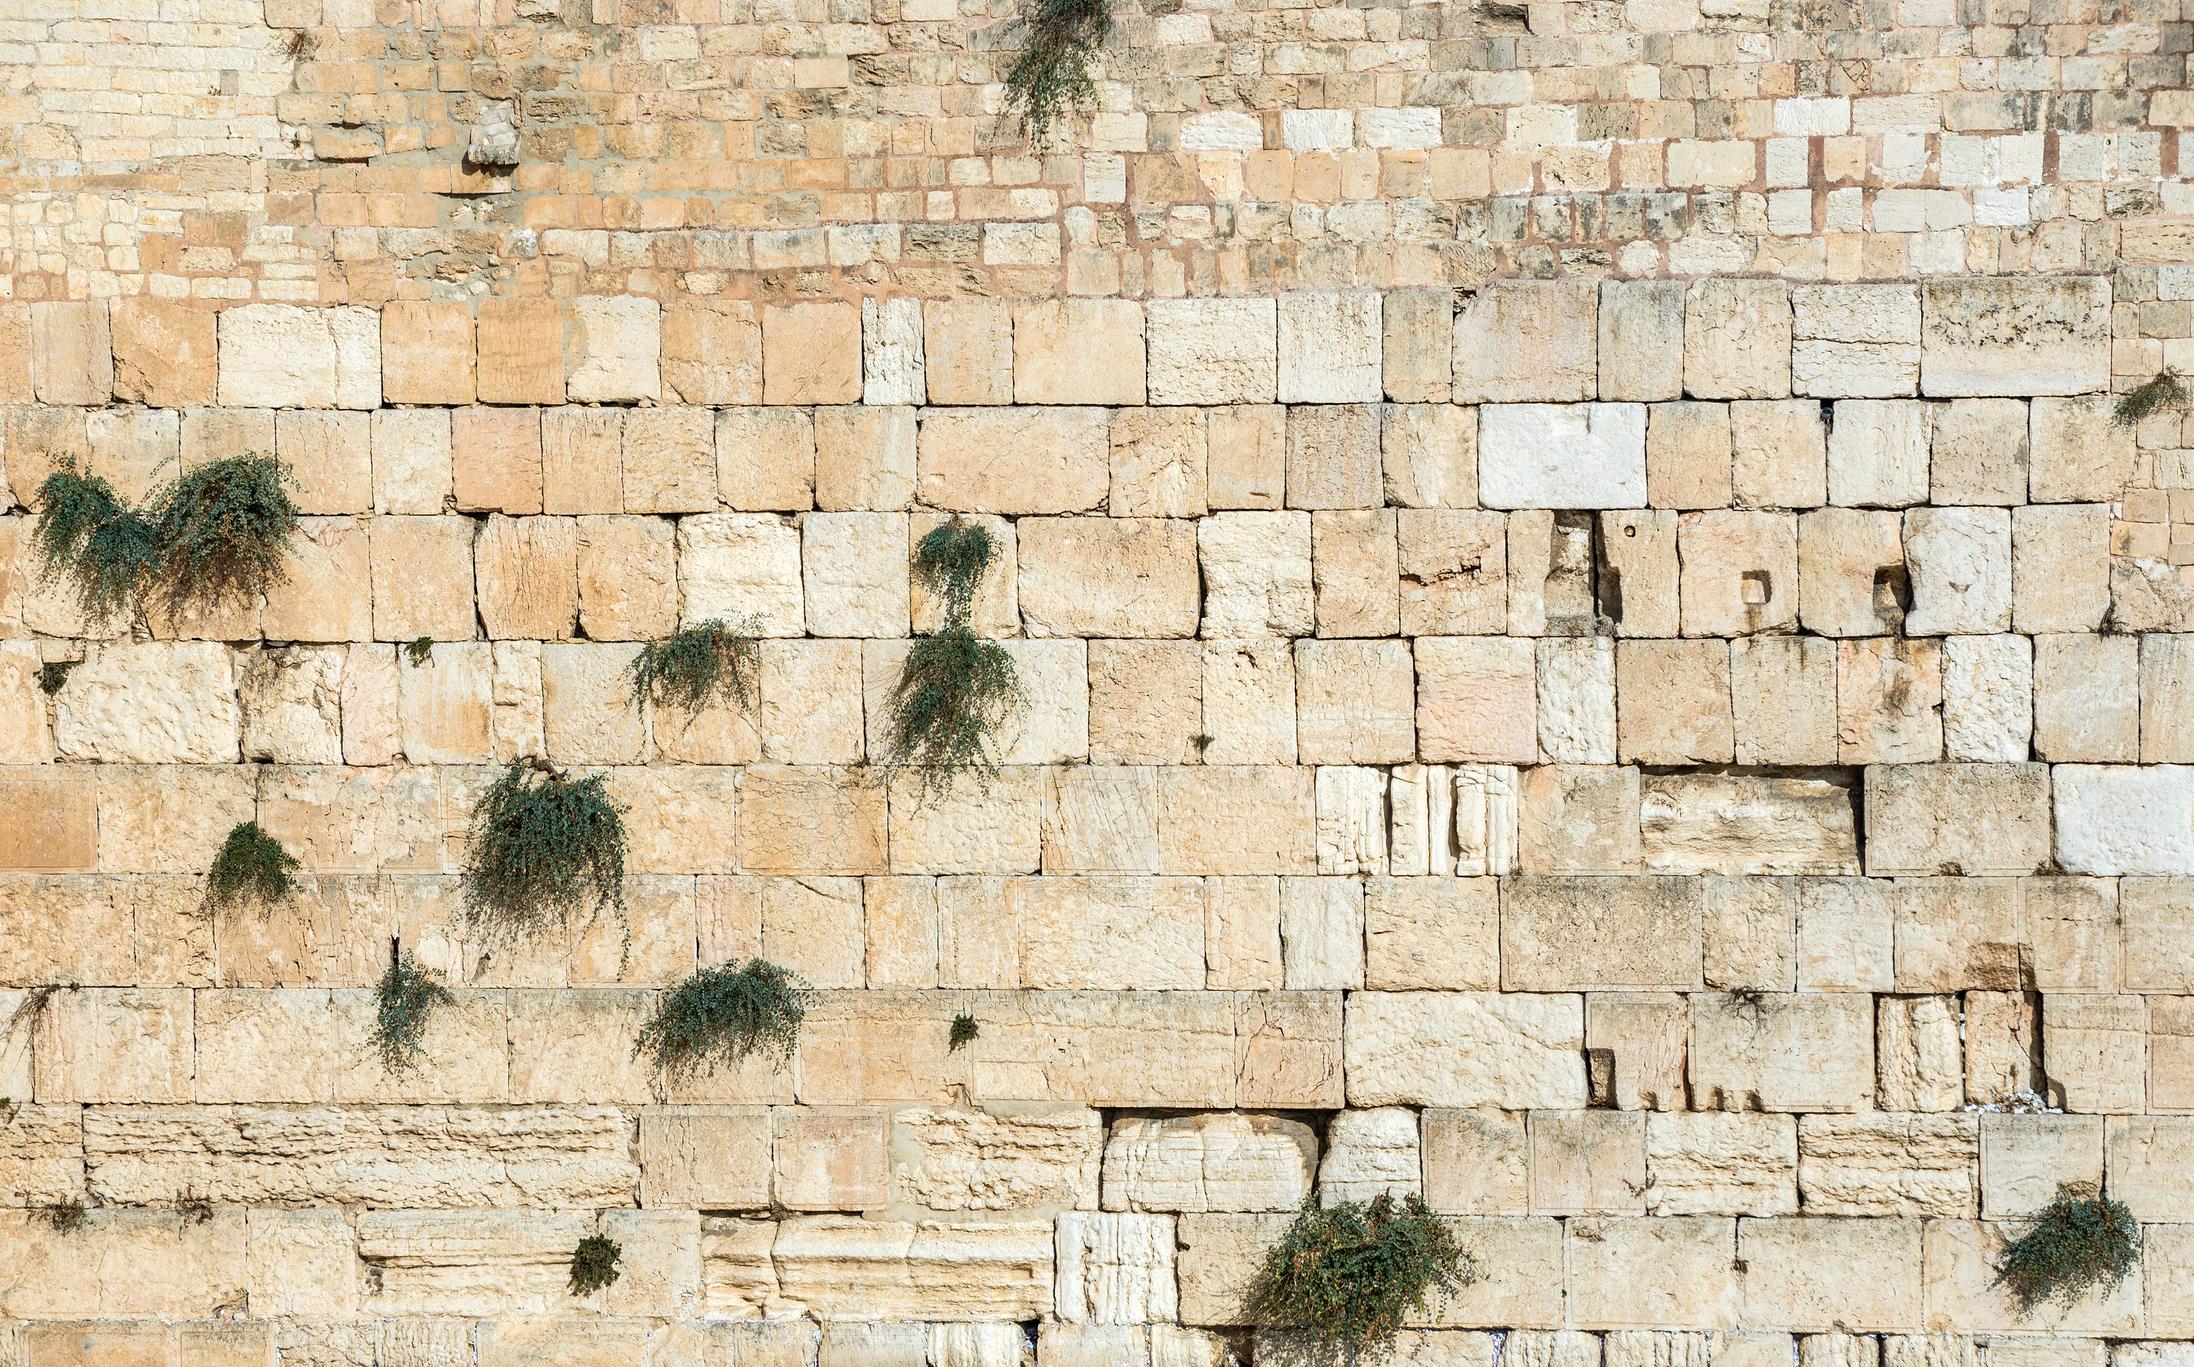 Стената на плача,Йерусалим.По всяко време край нея може да се видят вярващи, които се молят. Между пролуките се слагат листчета с различни пожелания.